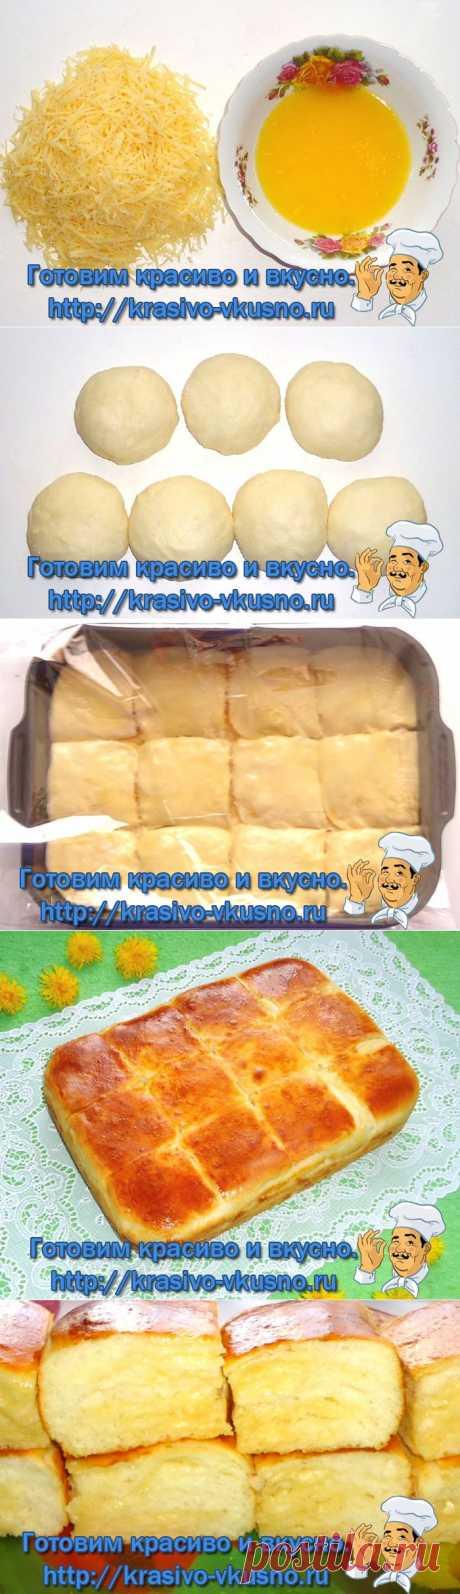 пирог с сыром -  Молоко – 200 мл Дрожжи (сухие) – 1,5 ч.л. Сливочное масло (в тесто – 50 гр.;для смазывания слоёв – 120 гр.) -170 Яйцо – 1 шт. Яичный желток -1 шт. Соль -1/4 ст.л. Сахар – 0,5 ст.л. Мука -350 гр. Сыр твёрдый – 200 гр. Готовим тесто для пирога, для этого в тёплом молоке растворяем дрожжи с сахаром, добавляем яйцо, соль, размягчённое слив